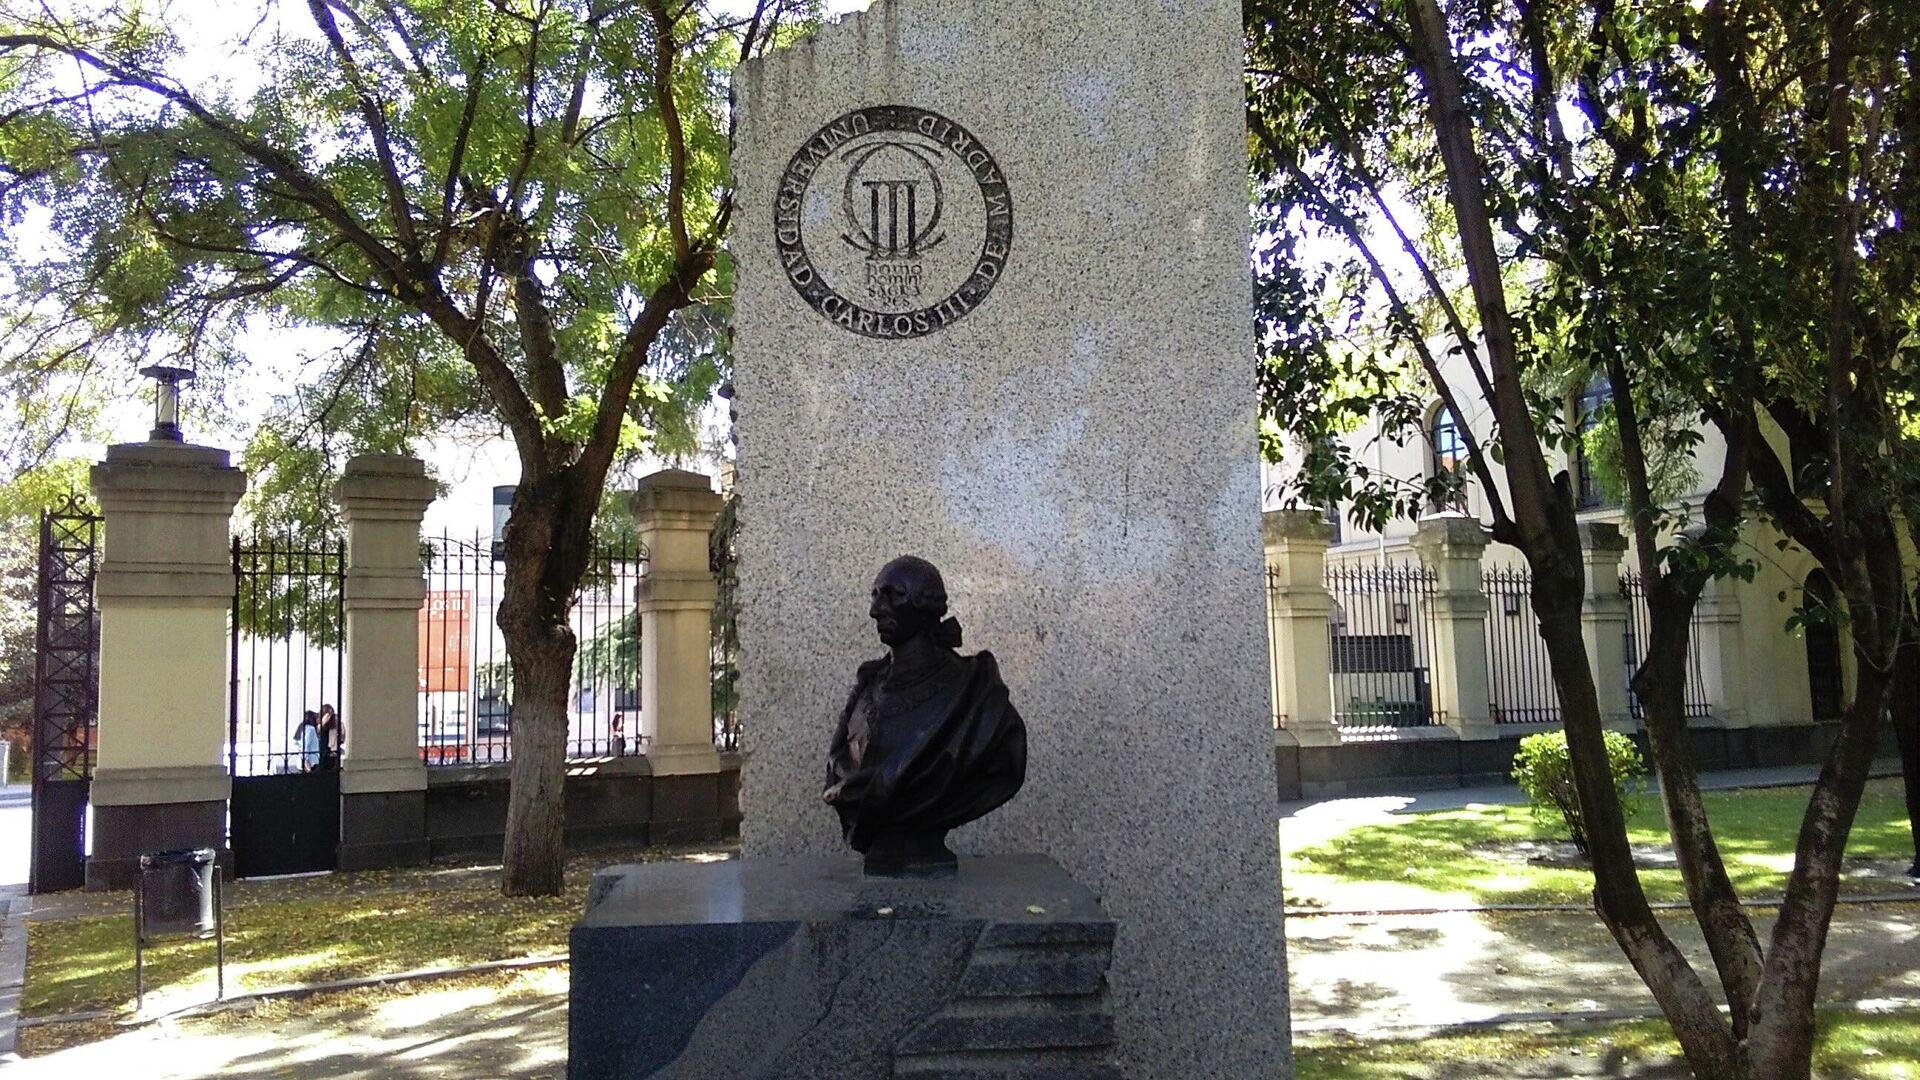 Universidad Carlos III, lugar en el que trabajaba el enfermero acusado de grabar a cerca de 200 mujeres - Sputnik Mundo, 1920, 01.10.2021